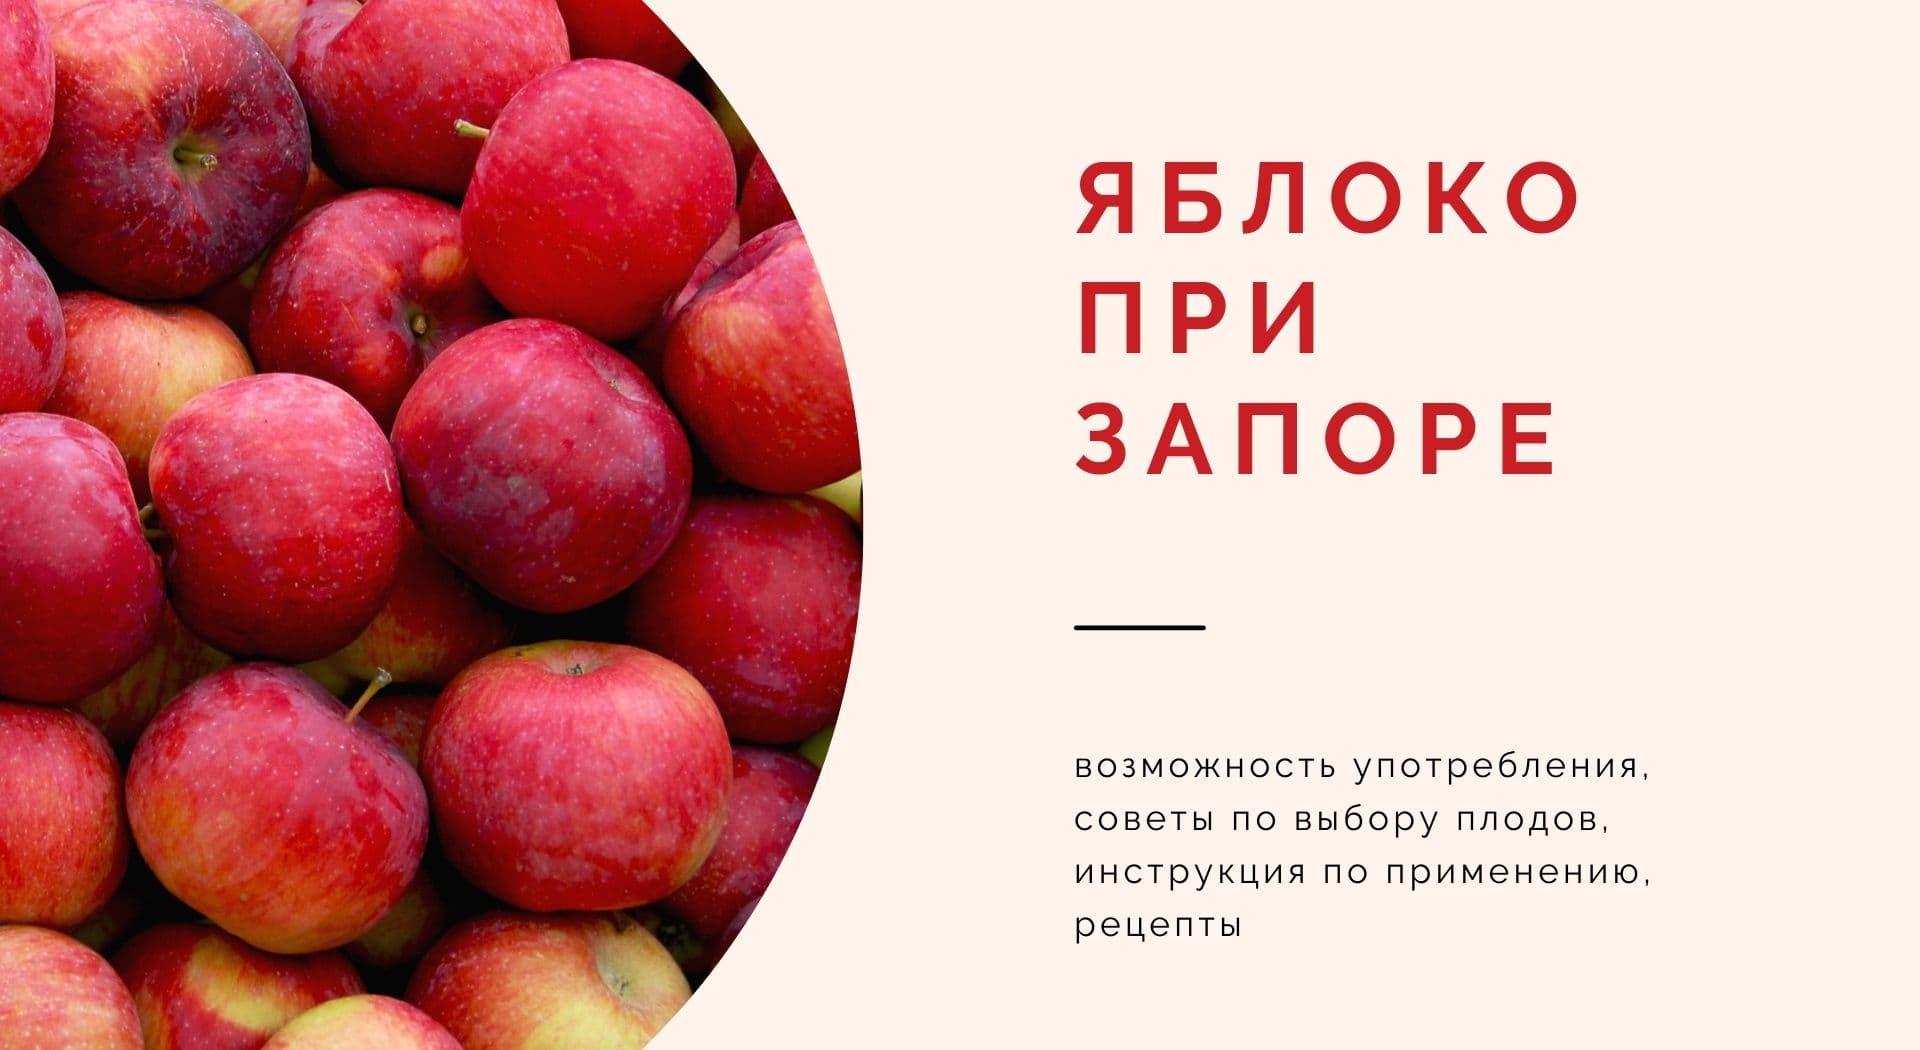 Яблоко при запоре: возможность употребления, советы по выбору плодов, инструкция по применению, рецепты